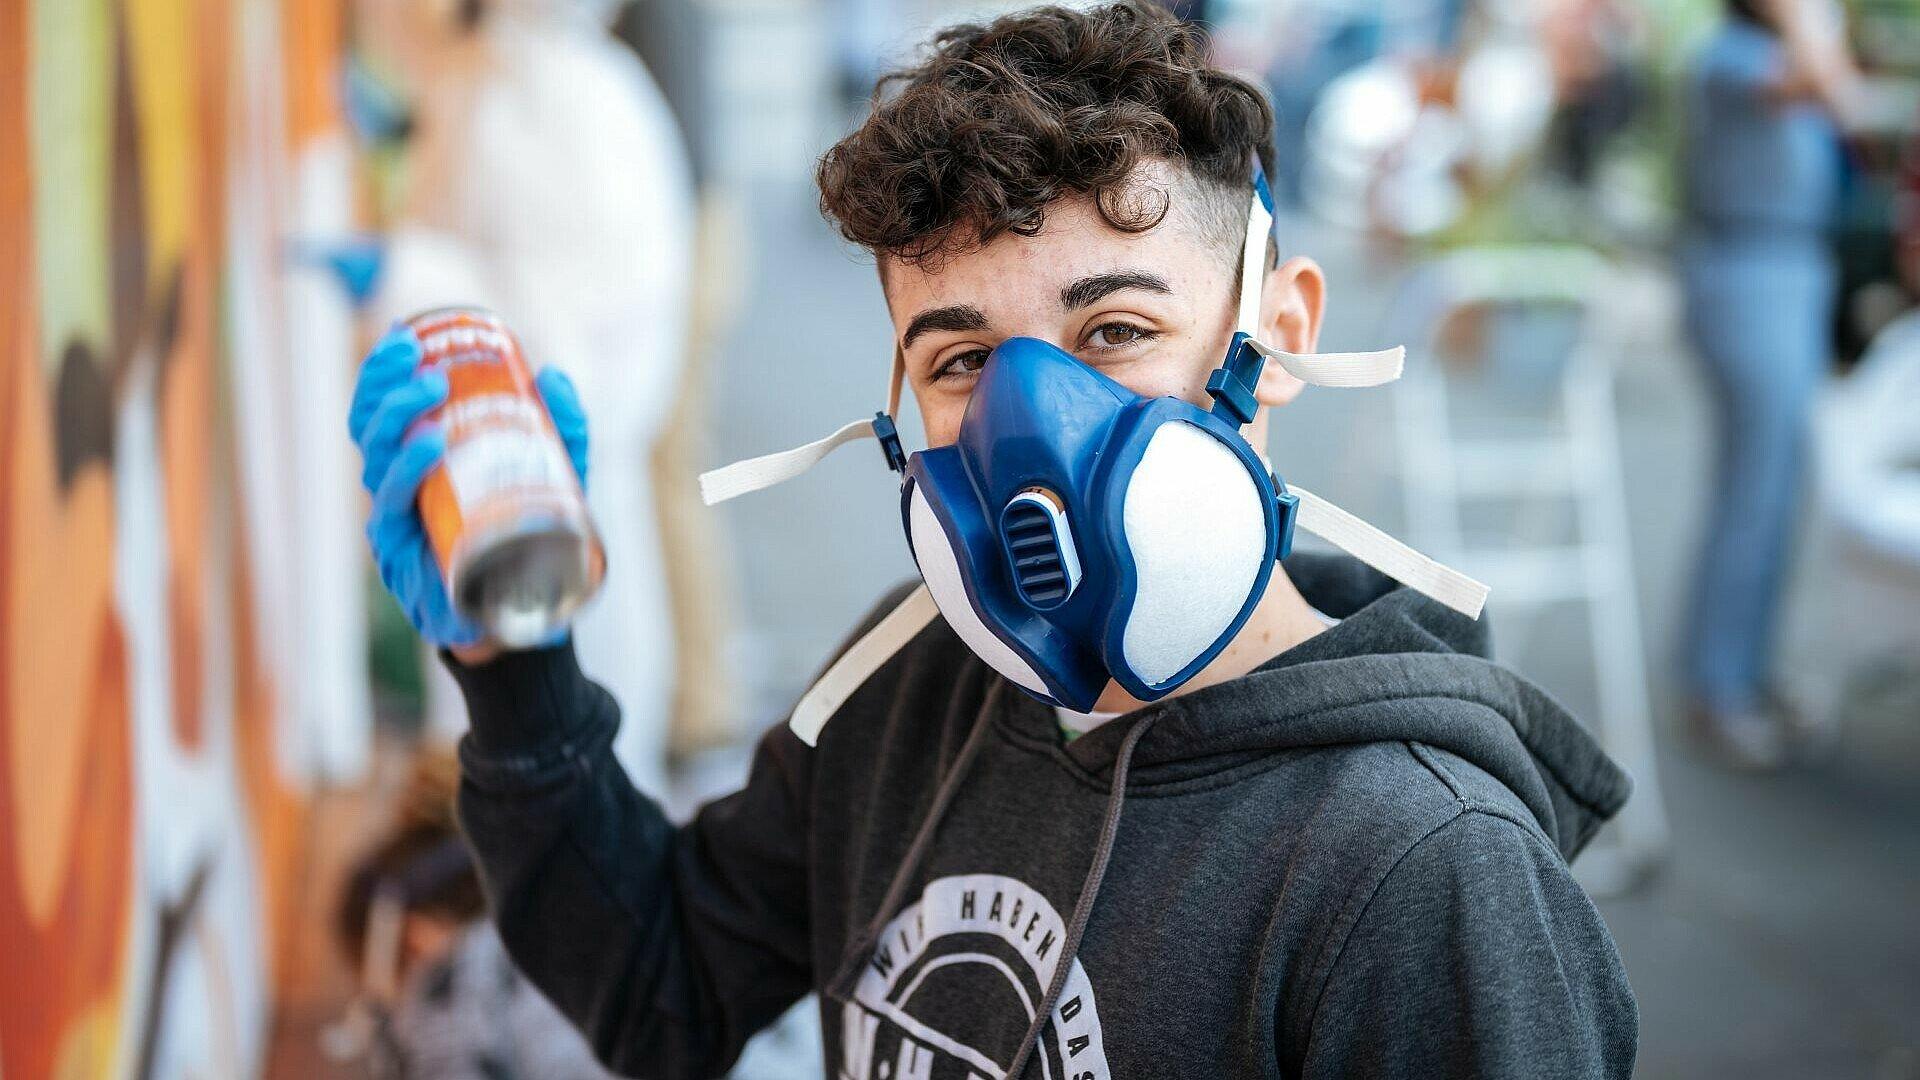 David vom Jugendtreff Fzwei beim Sprayen